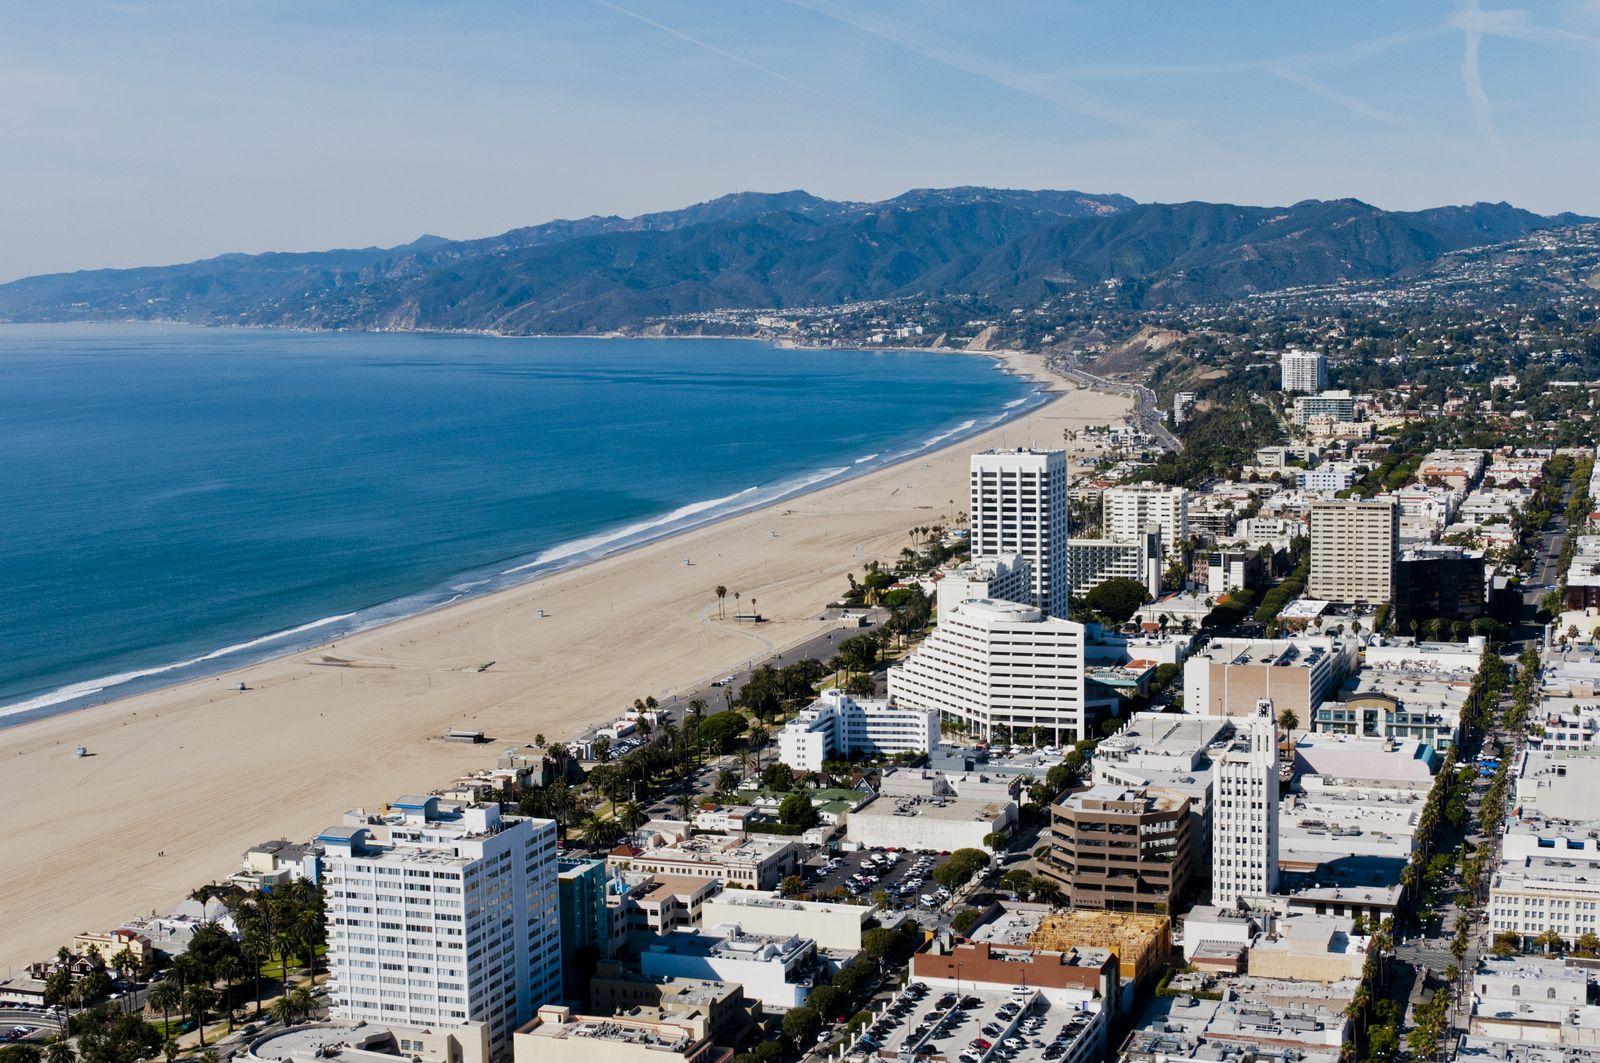 NICHT MEHR VERWENDEN! - Los Angeles